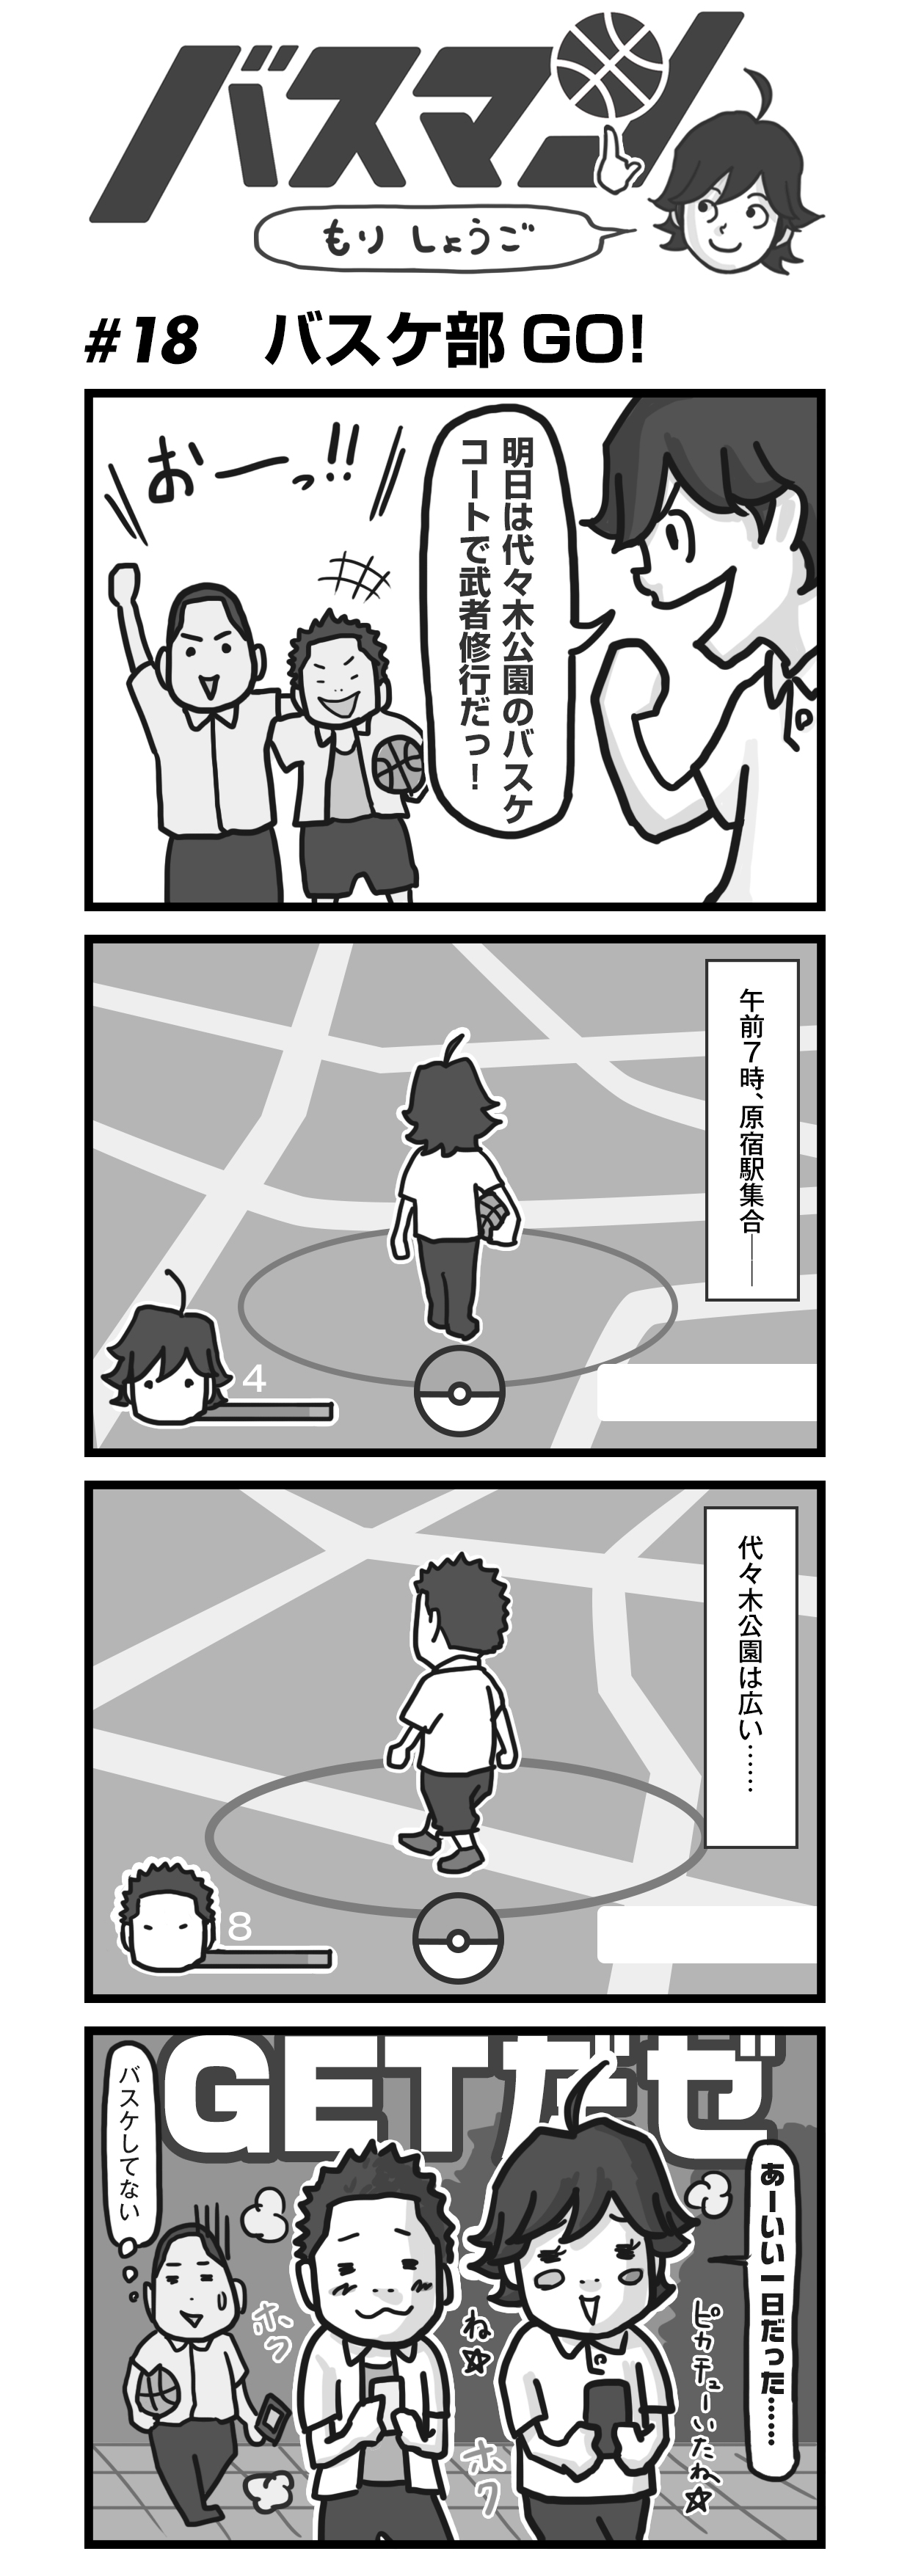 バスマン#018 「バスケ部GO!」